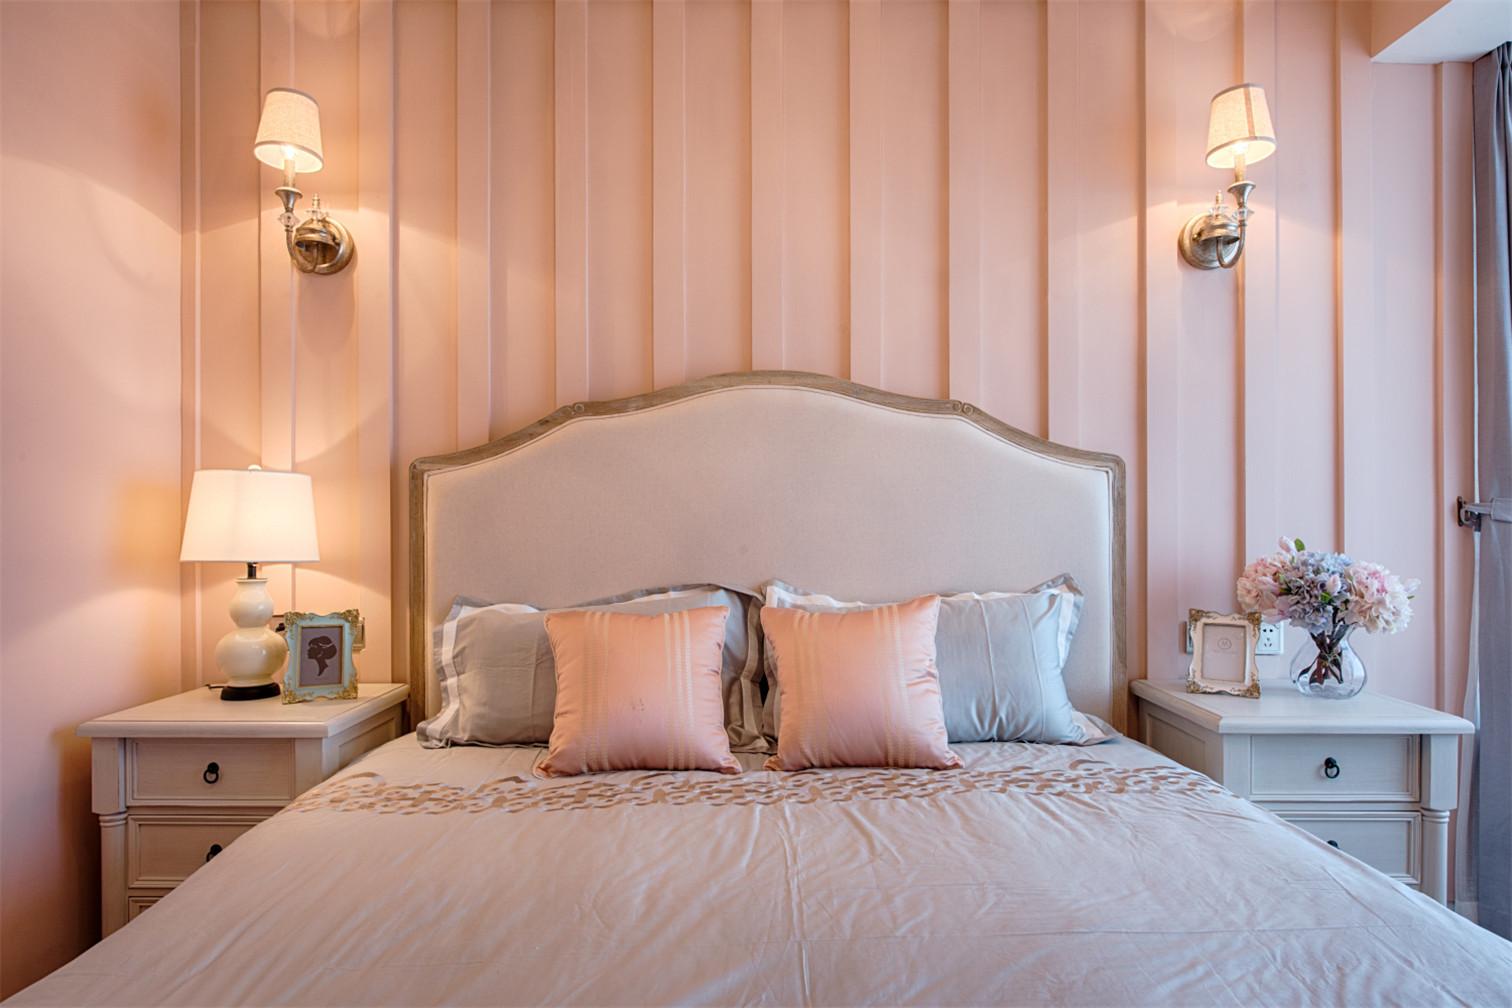 三居室美式空间床头背景墙图片